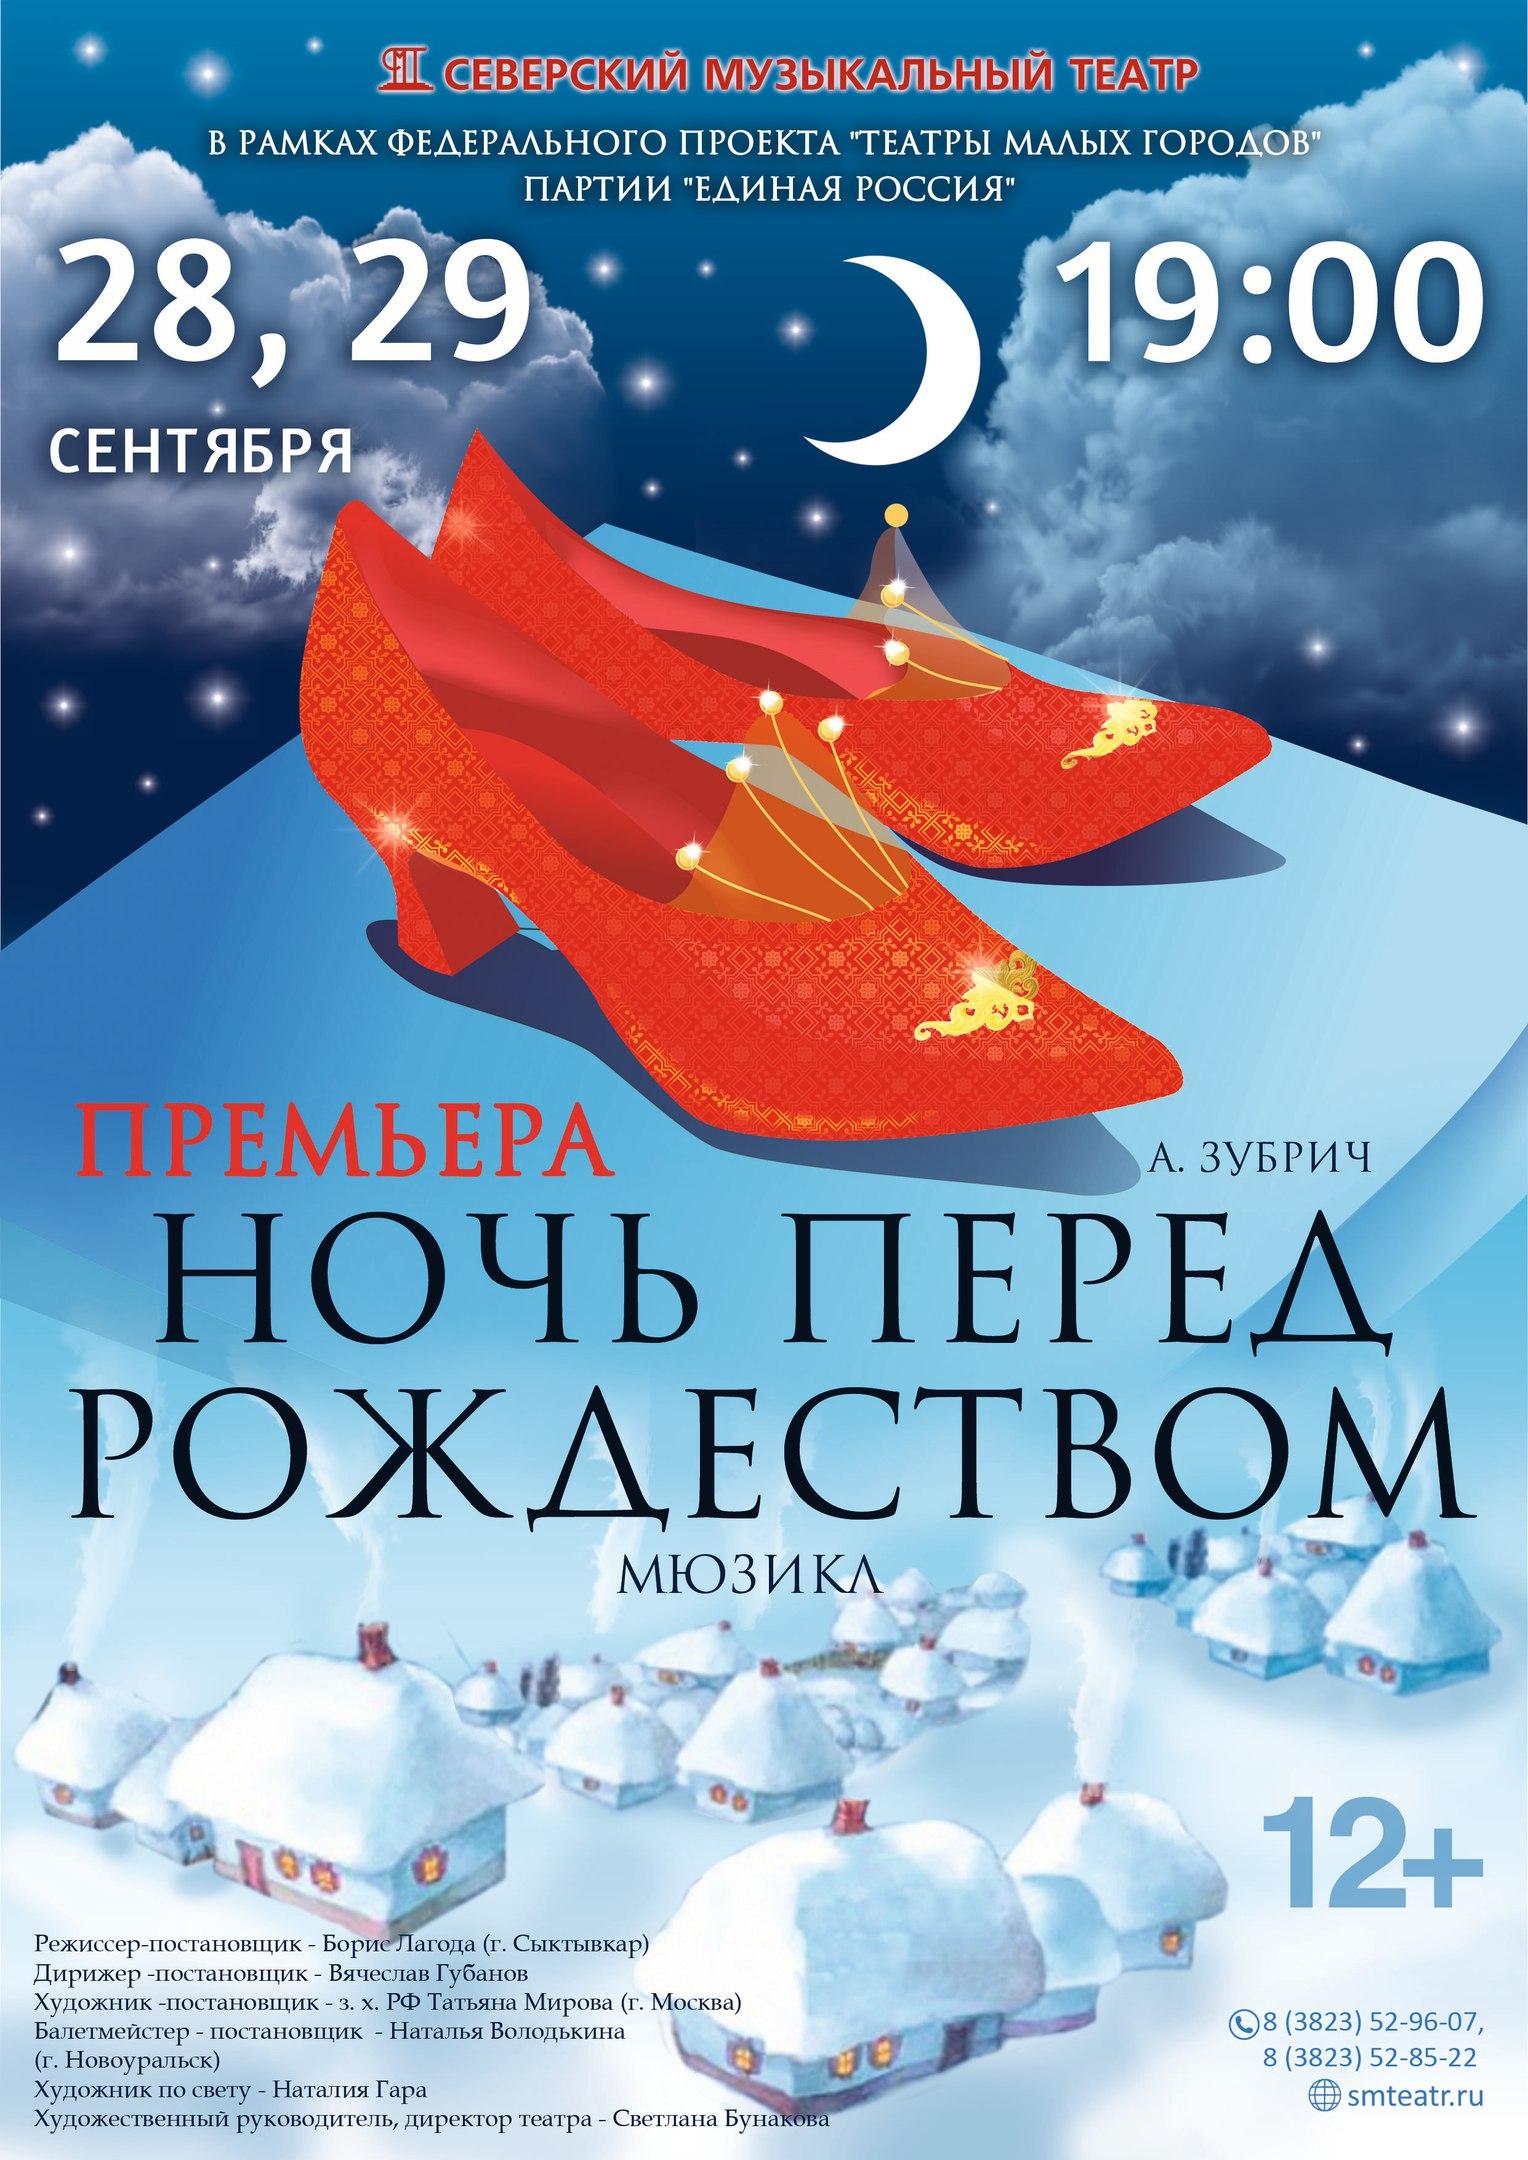 Мельница концерт 2017 москва купить билеты